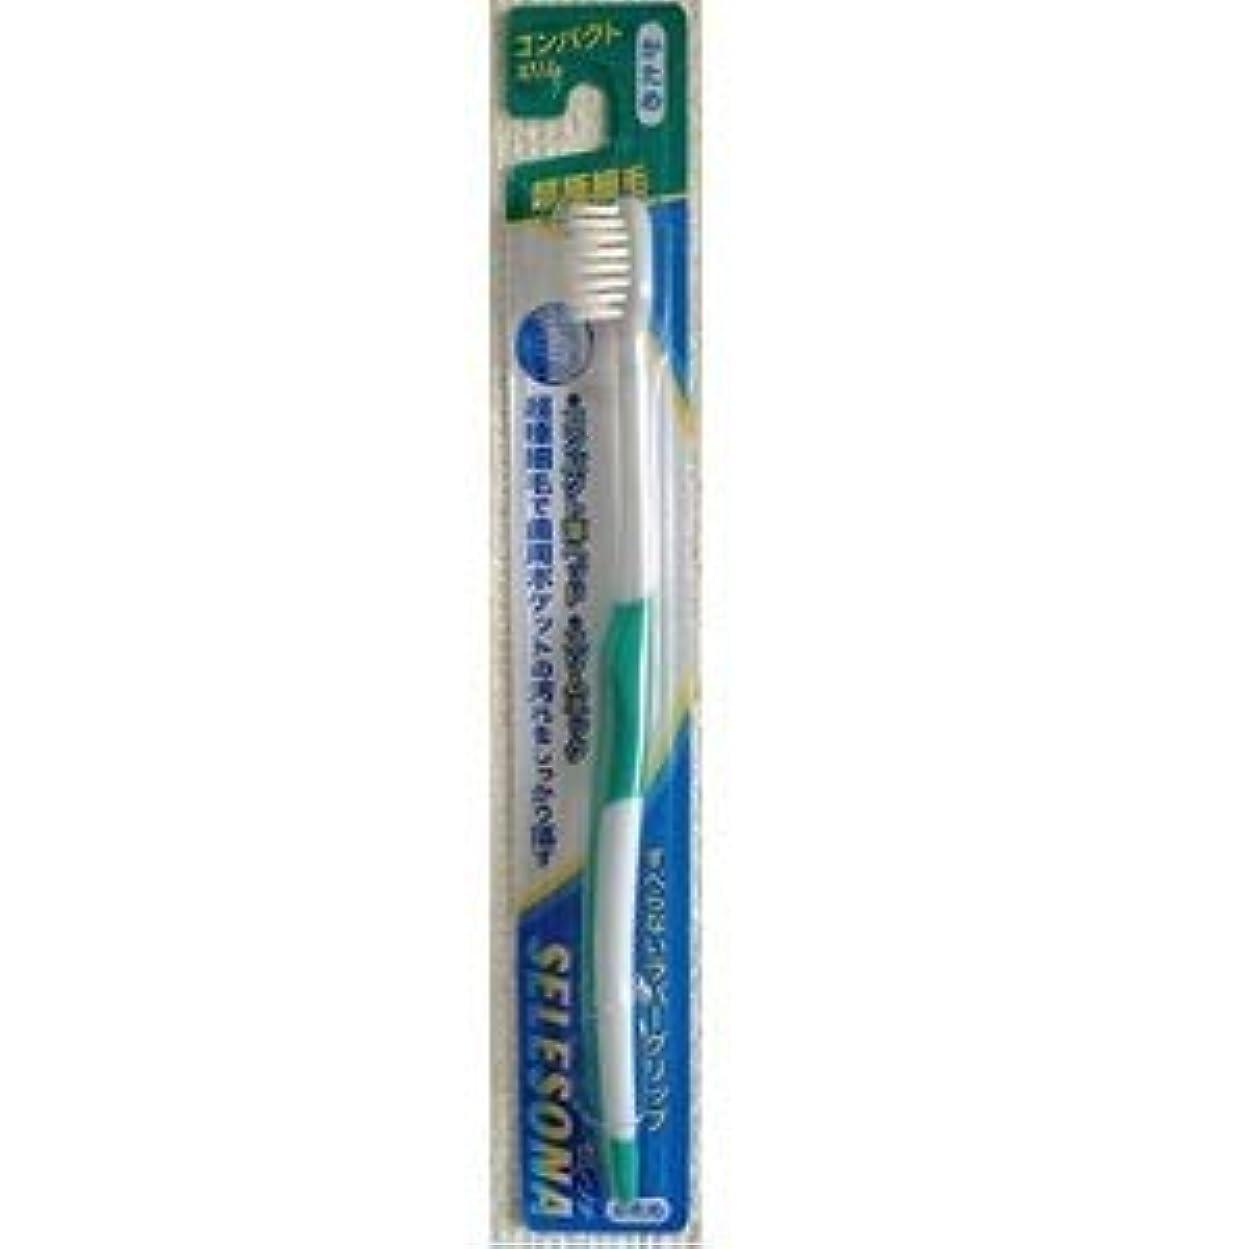 前提条件単に共役本草製薬 セレソナ 歯ブラシ 超極細 かため (1本入)